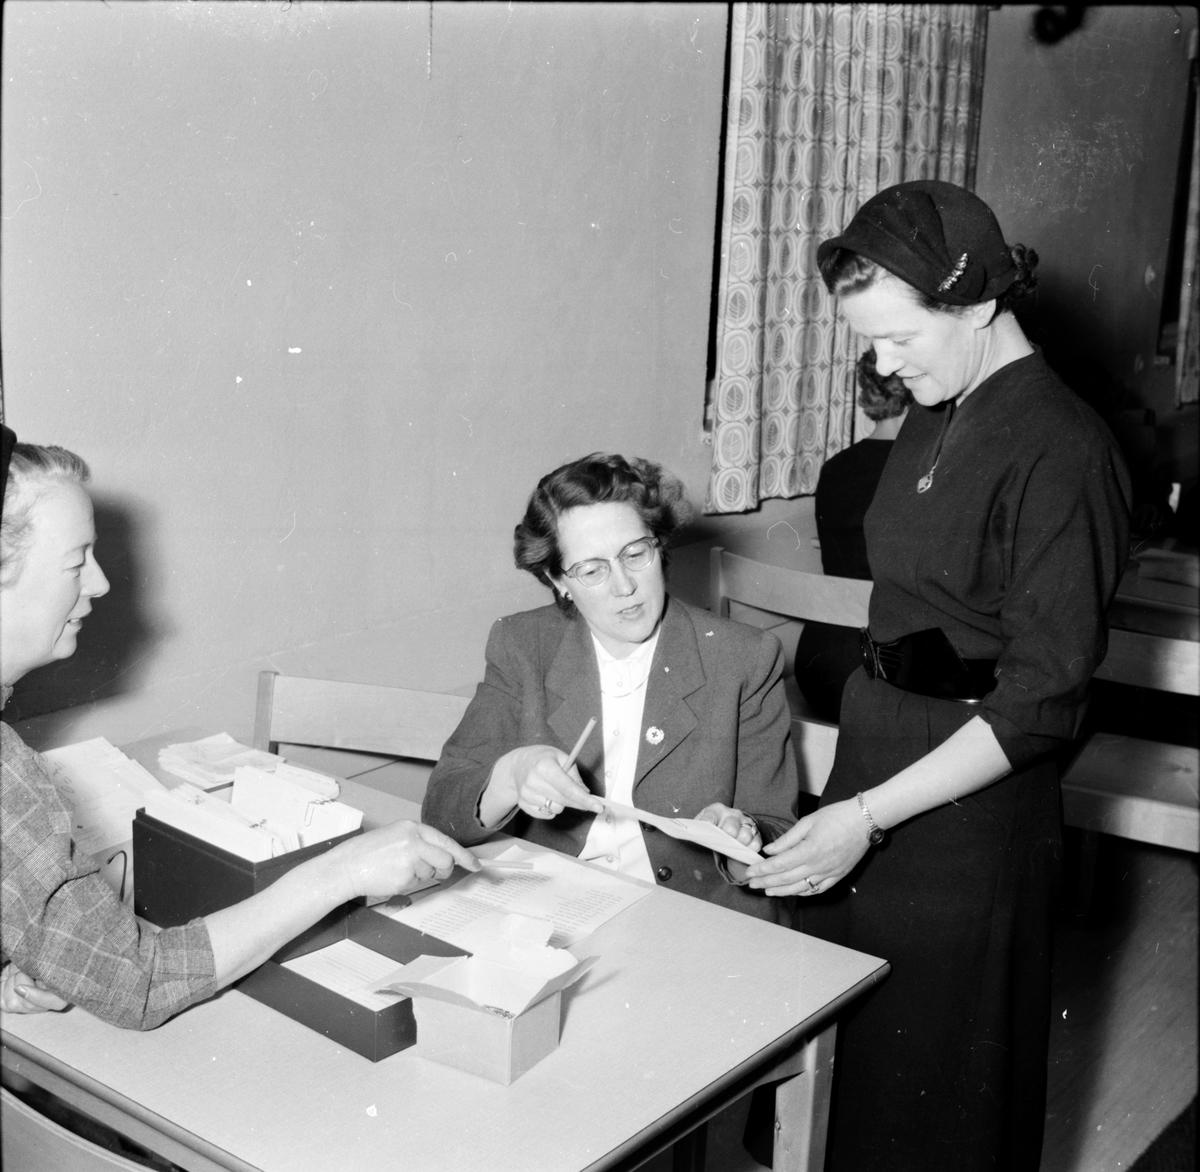 Arbrå, Blodgivare, Nov 1954